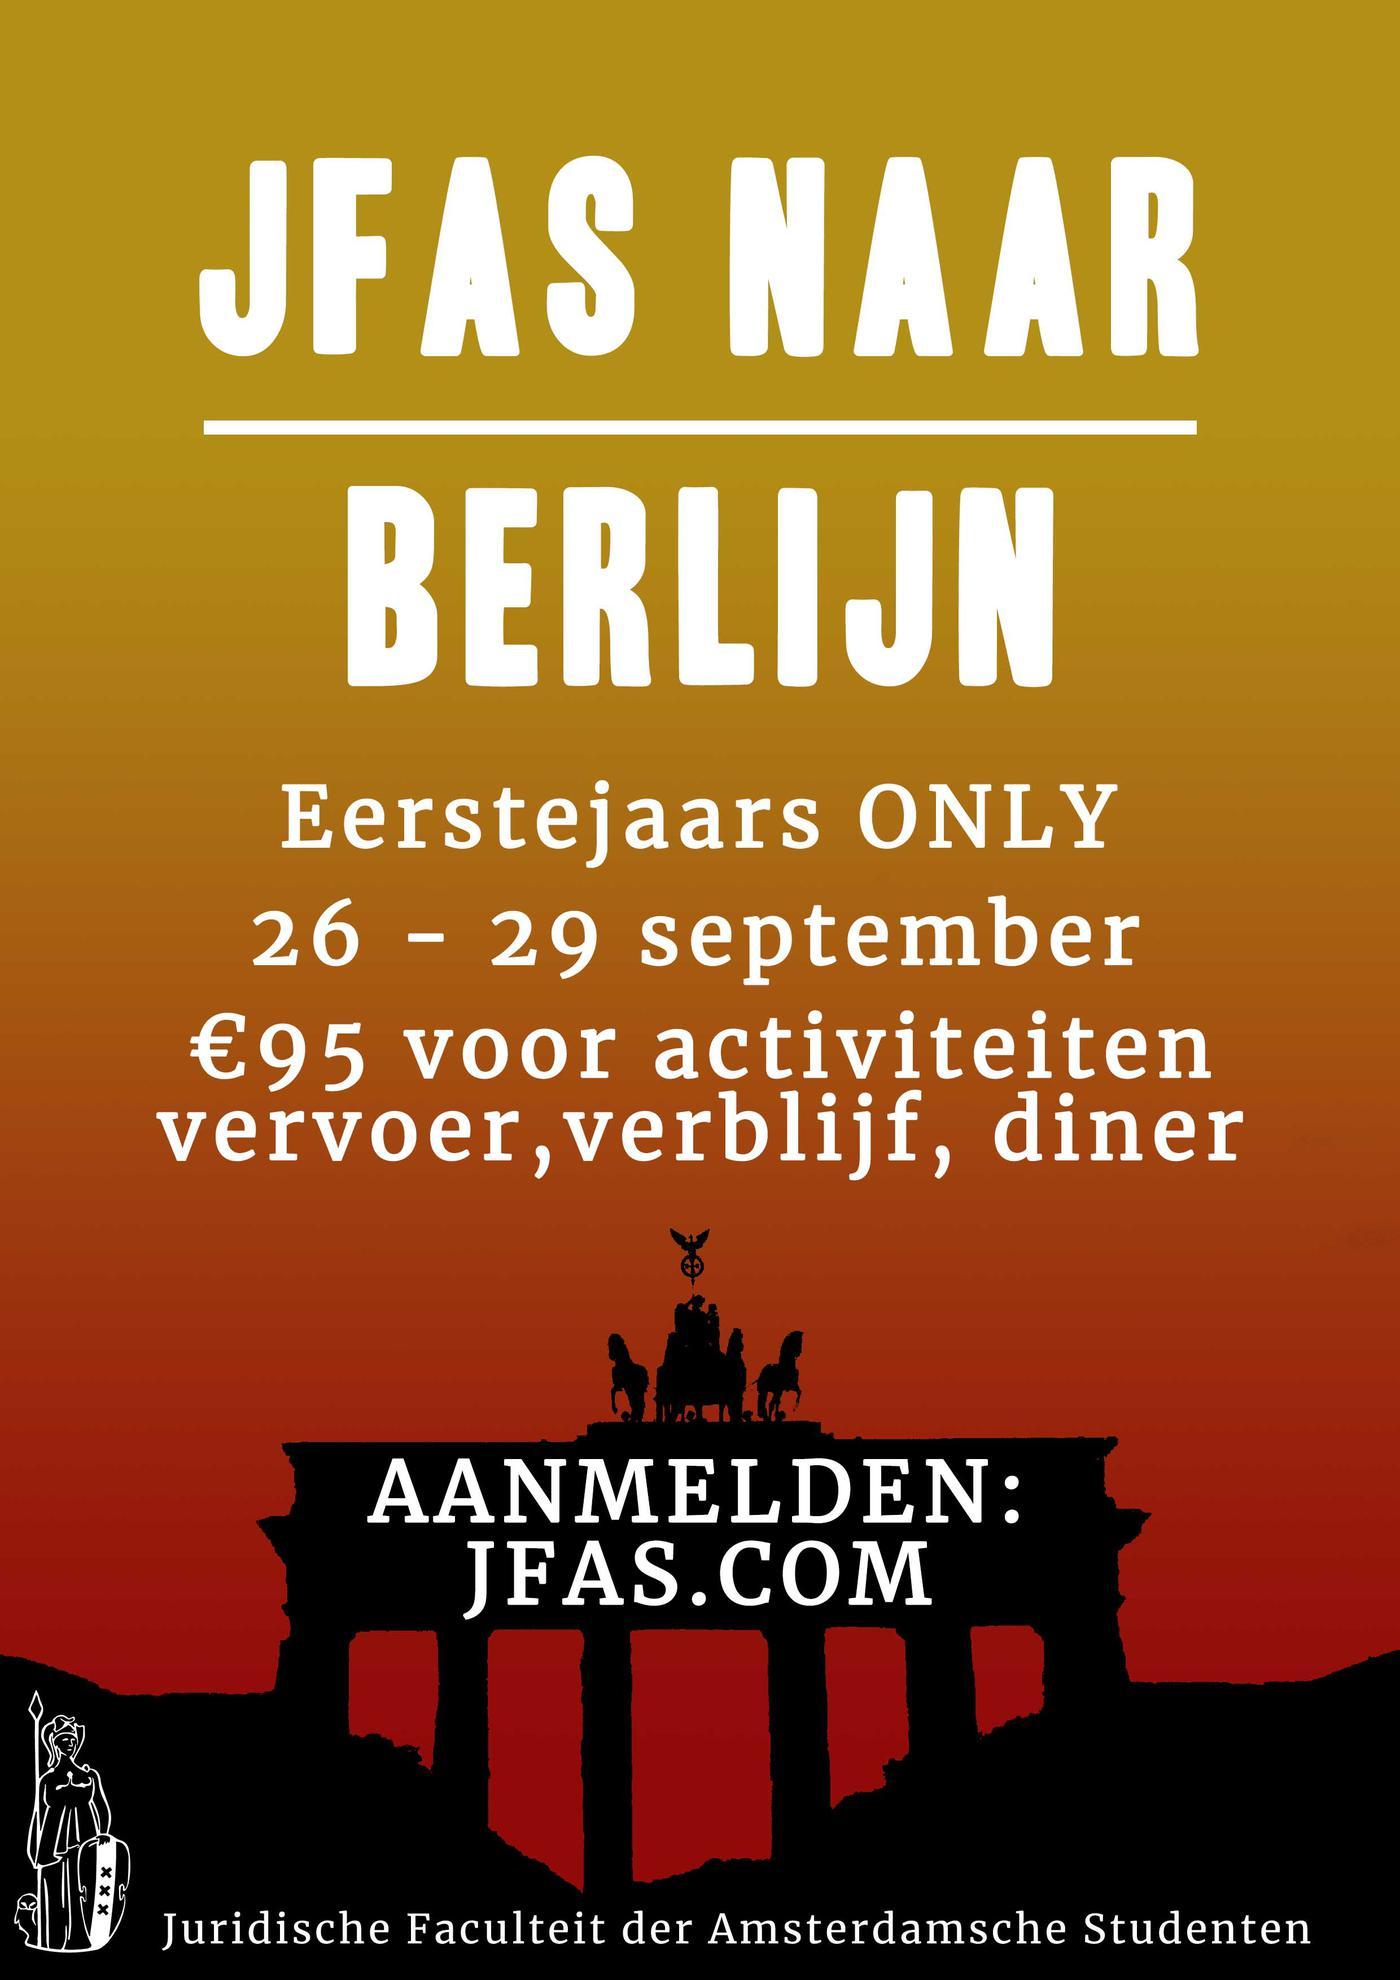 JFAS naar Berlijn